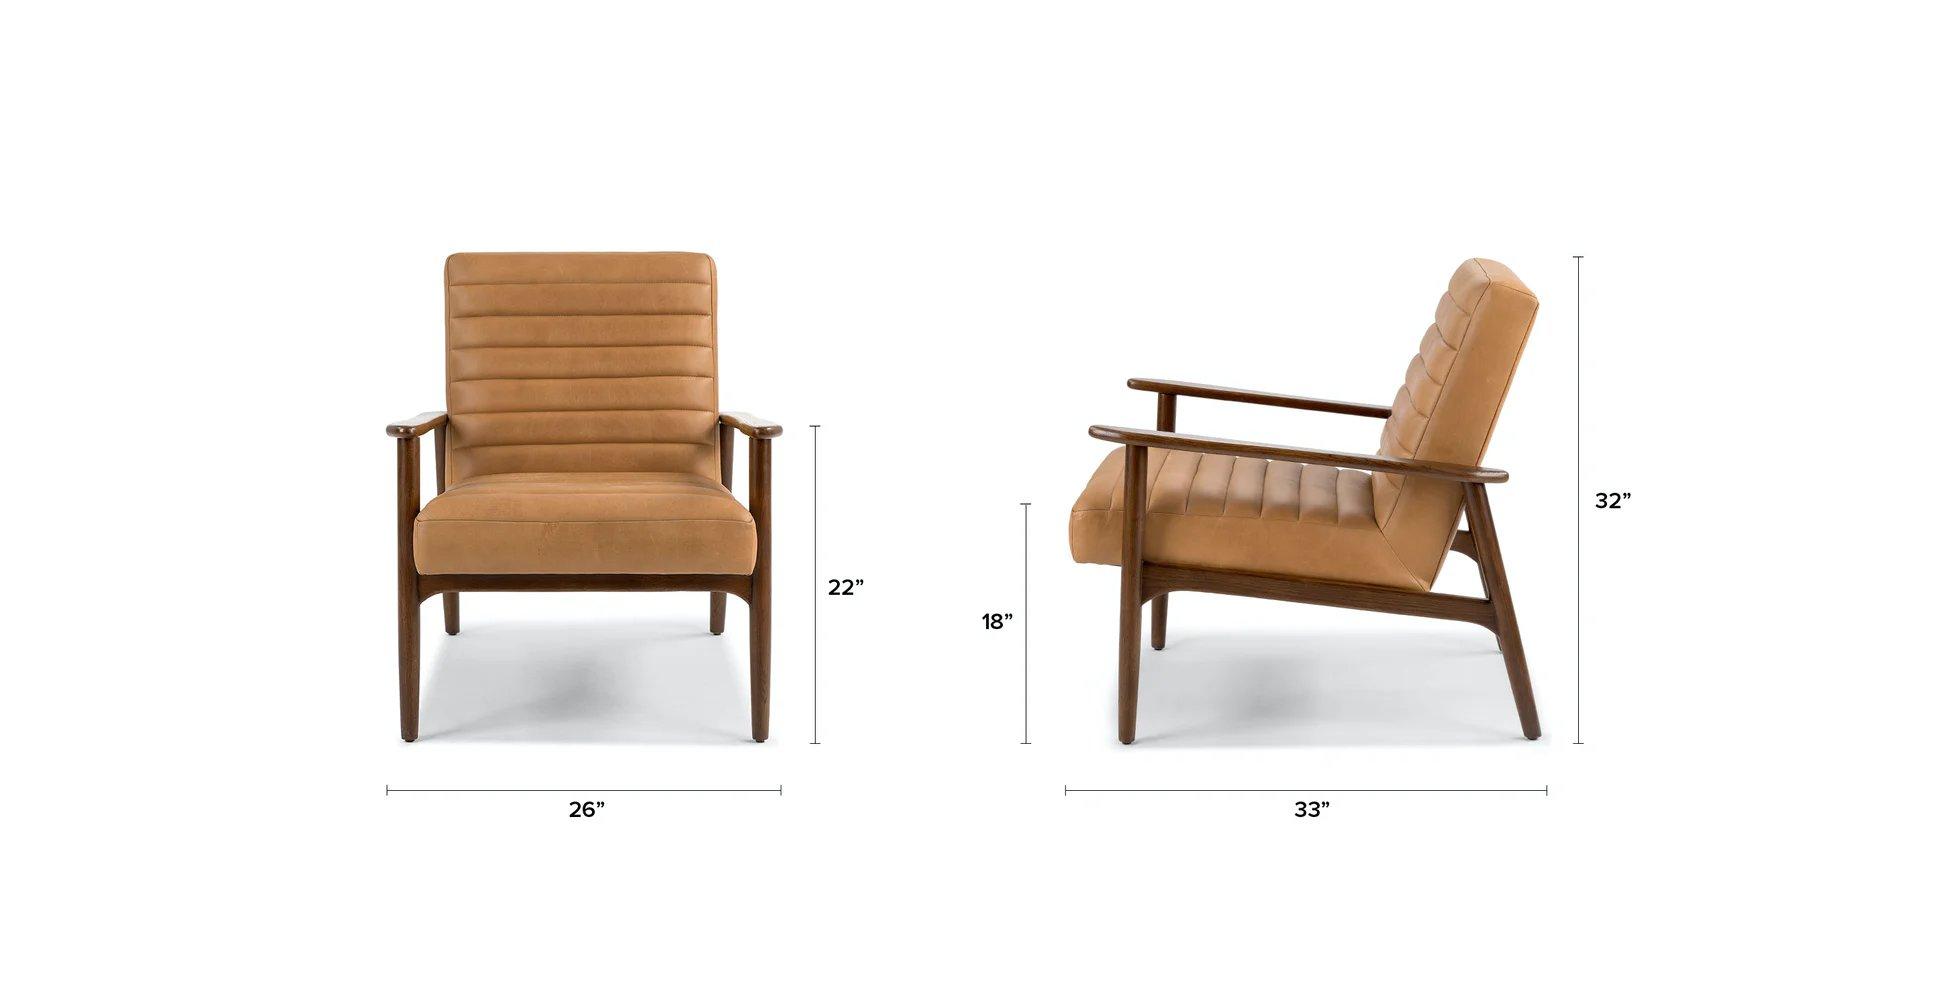 Thetis Charme Tan Chair